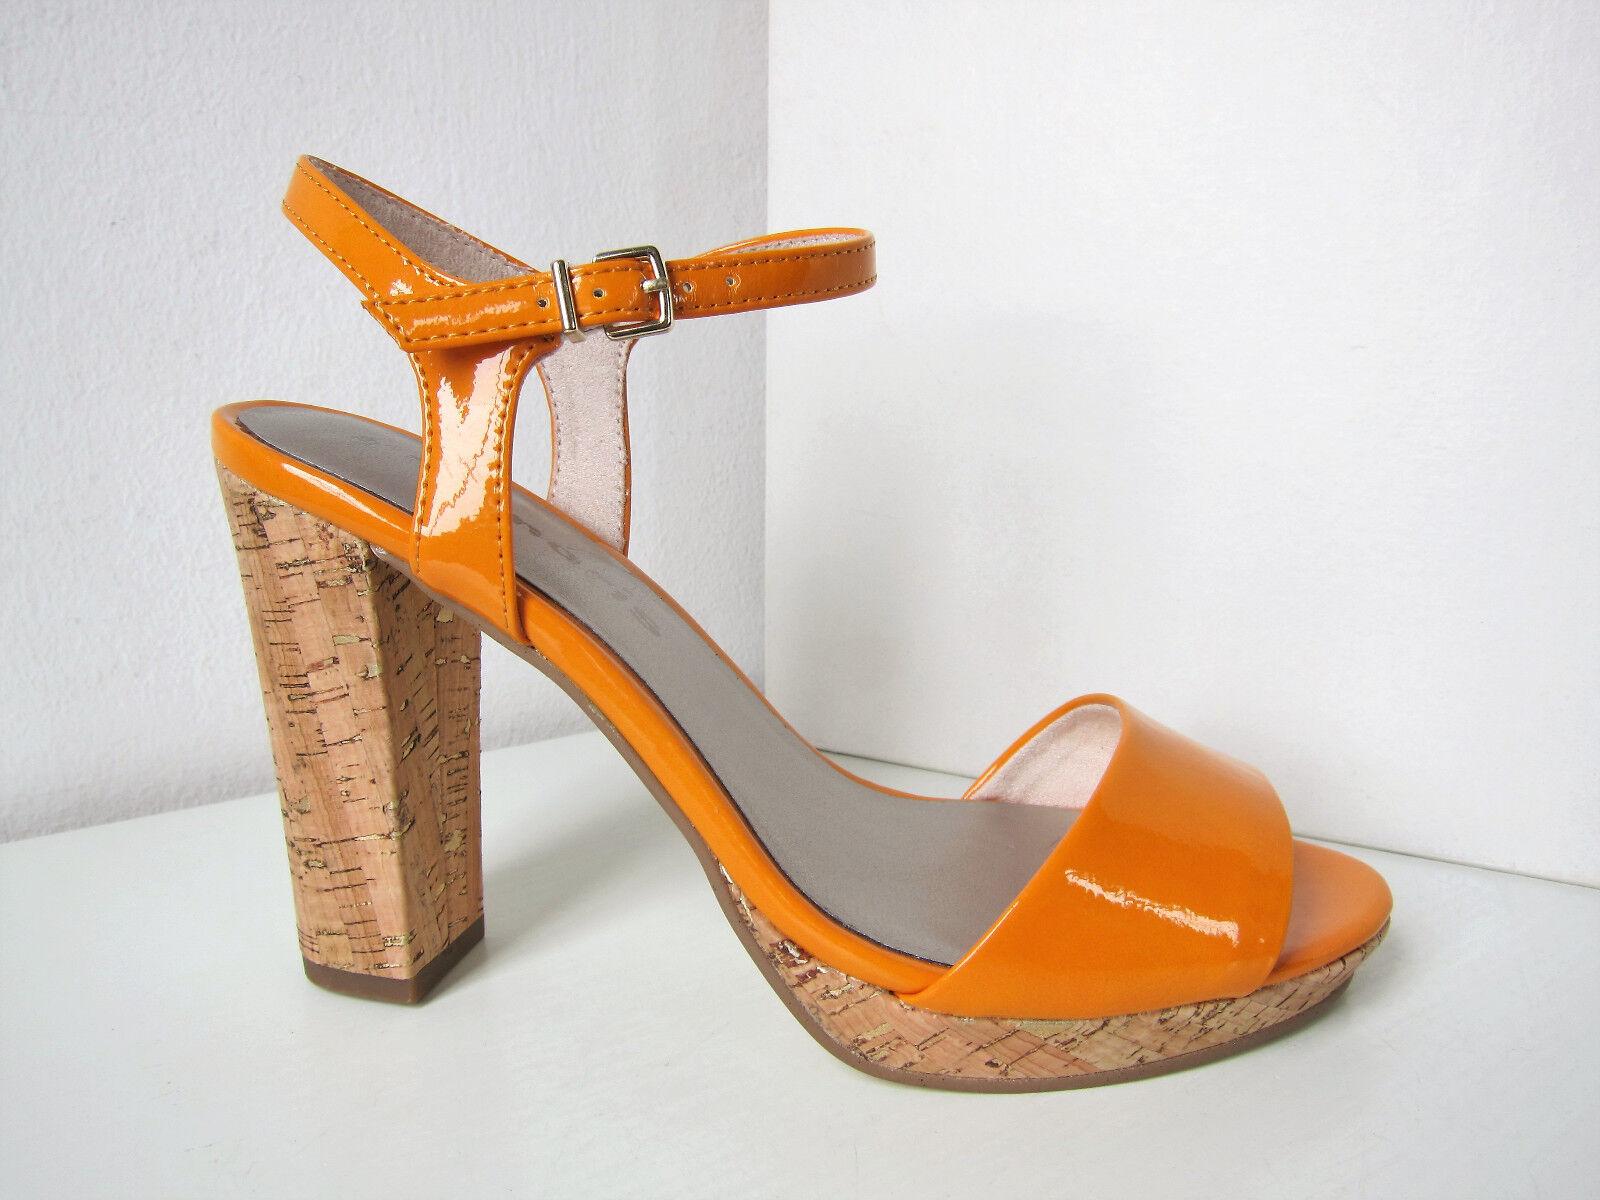 Tamaris Lack Riemchen Pumps orange Gr. 40 Sandale Pumps Sandalette Patent Myggia